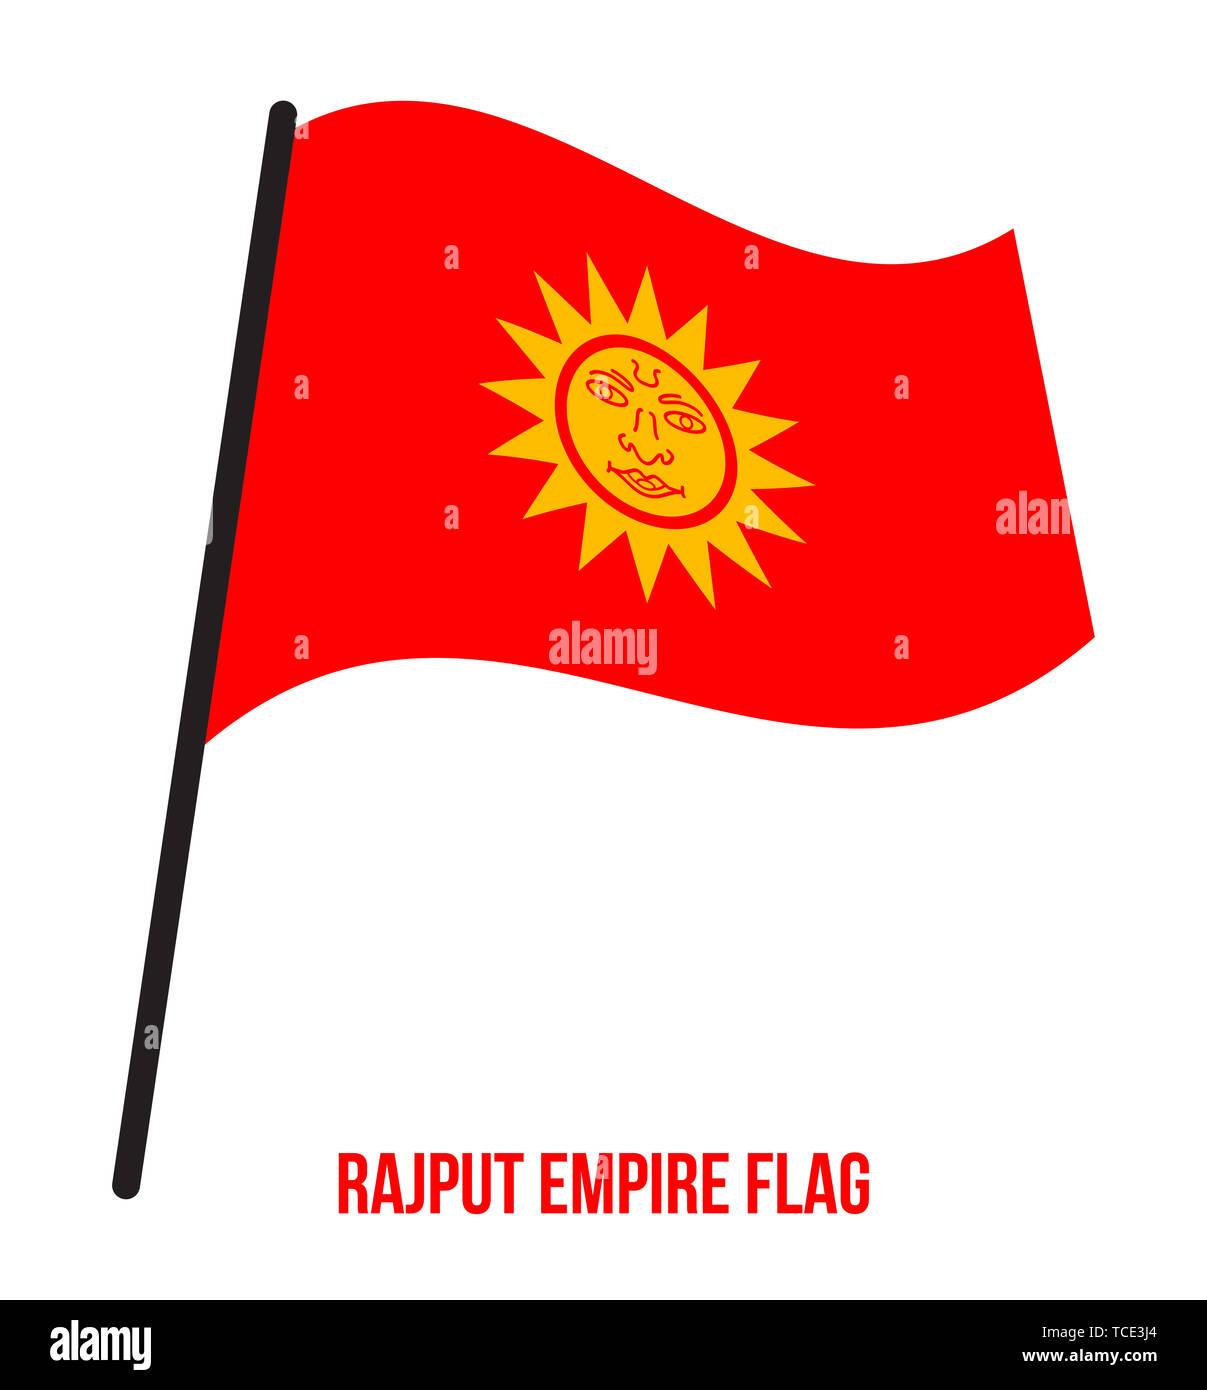 Rajput Impero (647-1192) bandiera sventola illustrazione vettoriale su sfondo bianco. Un flag di zafferano con un simbolo del sole nel mezzo. Immagini Stock